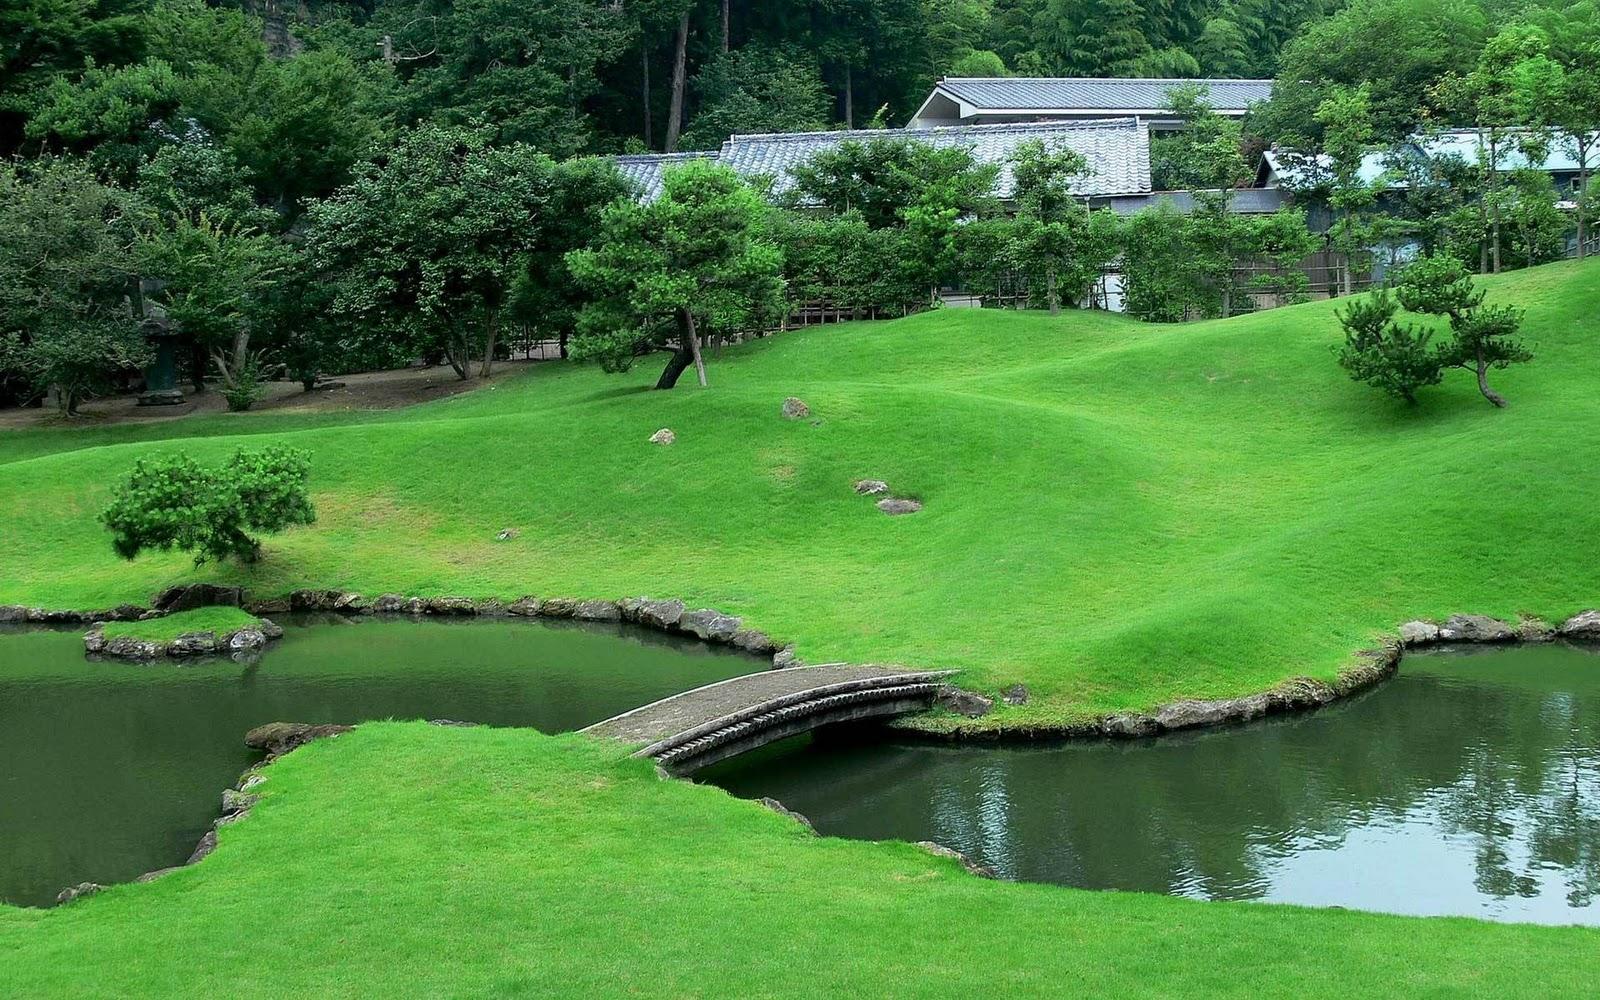 Stunning Golf Fields Landscapes HD Wallpaper Desktop Wallpapers 1600x1000